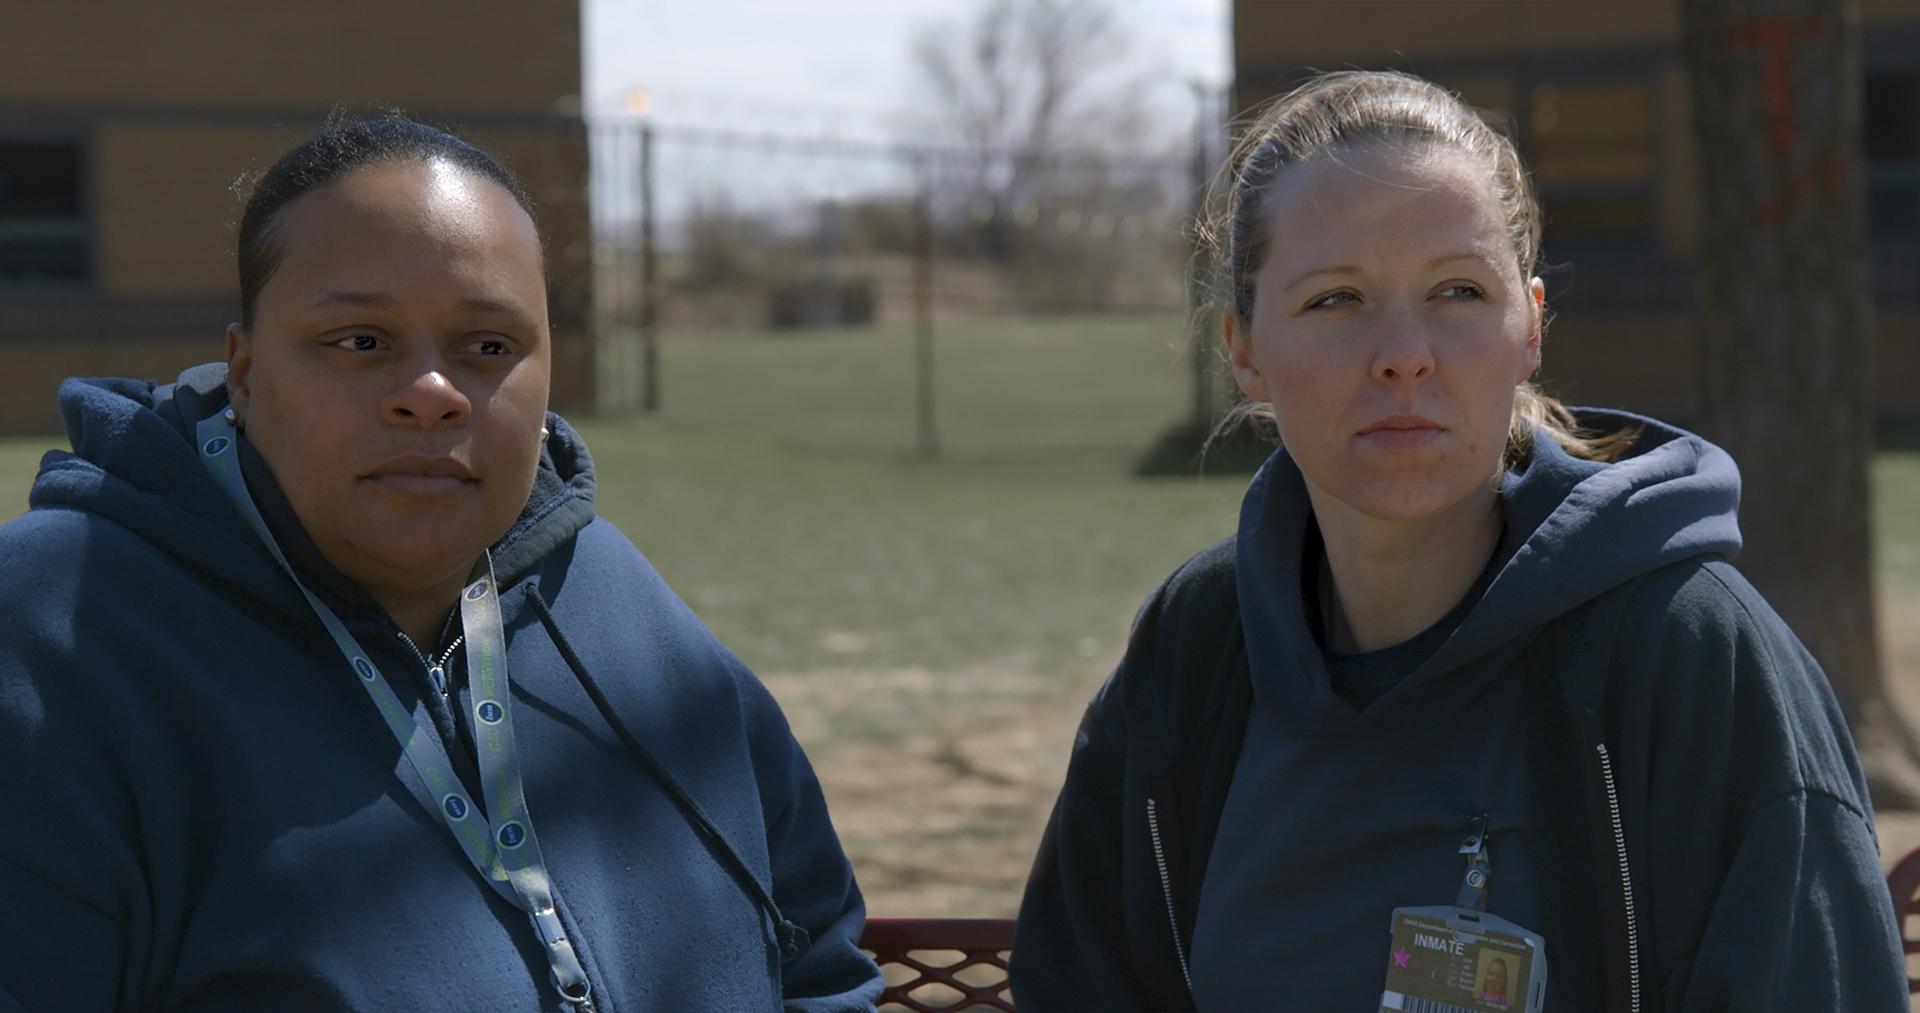 Tomika et Amanda dans la cour de la prison